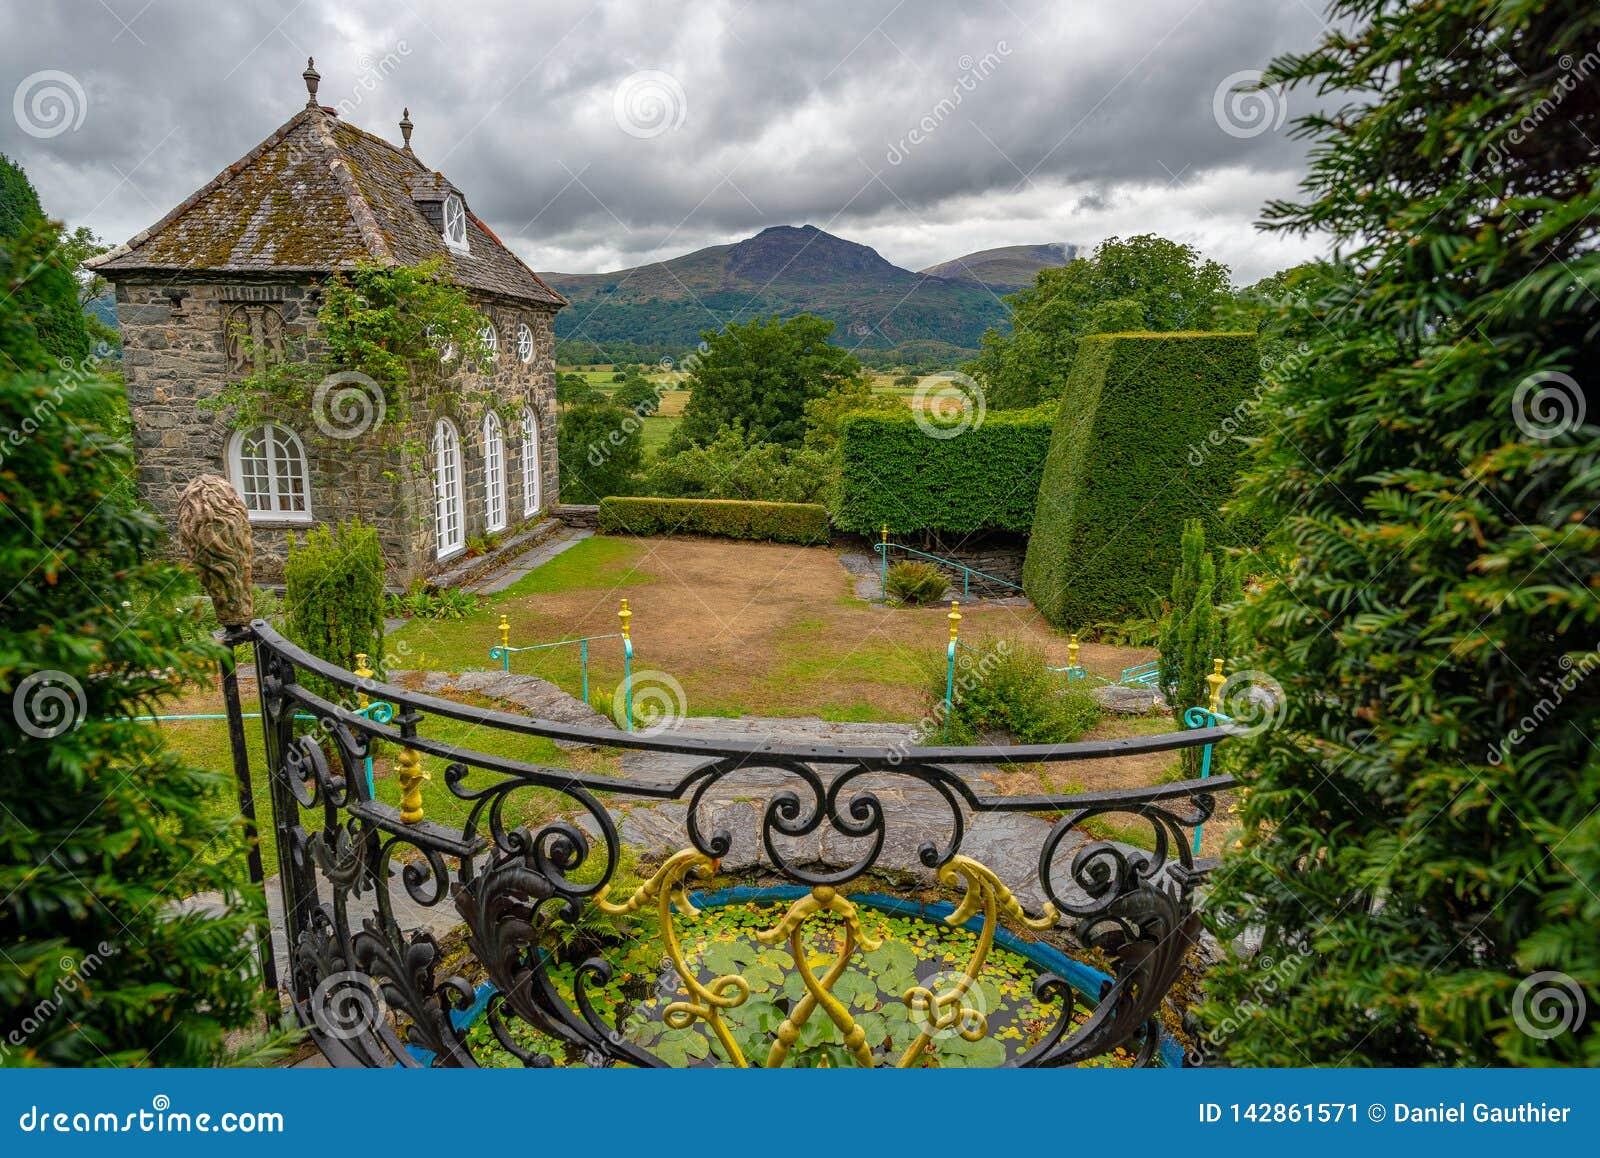 Vista sul orangerie ed il paesaggio circostante dal giardino dei Plas Brondanw, Galles del nord